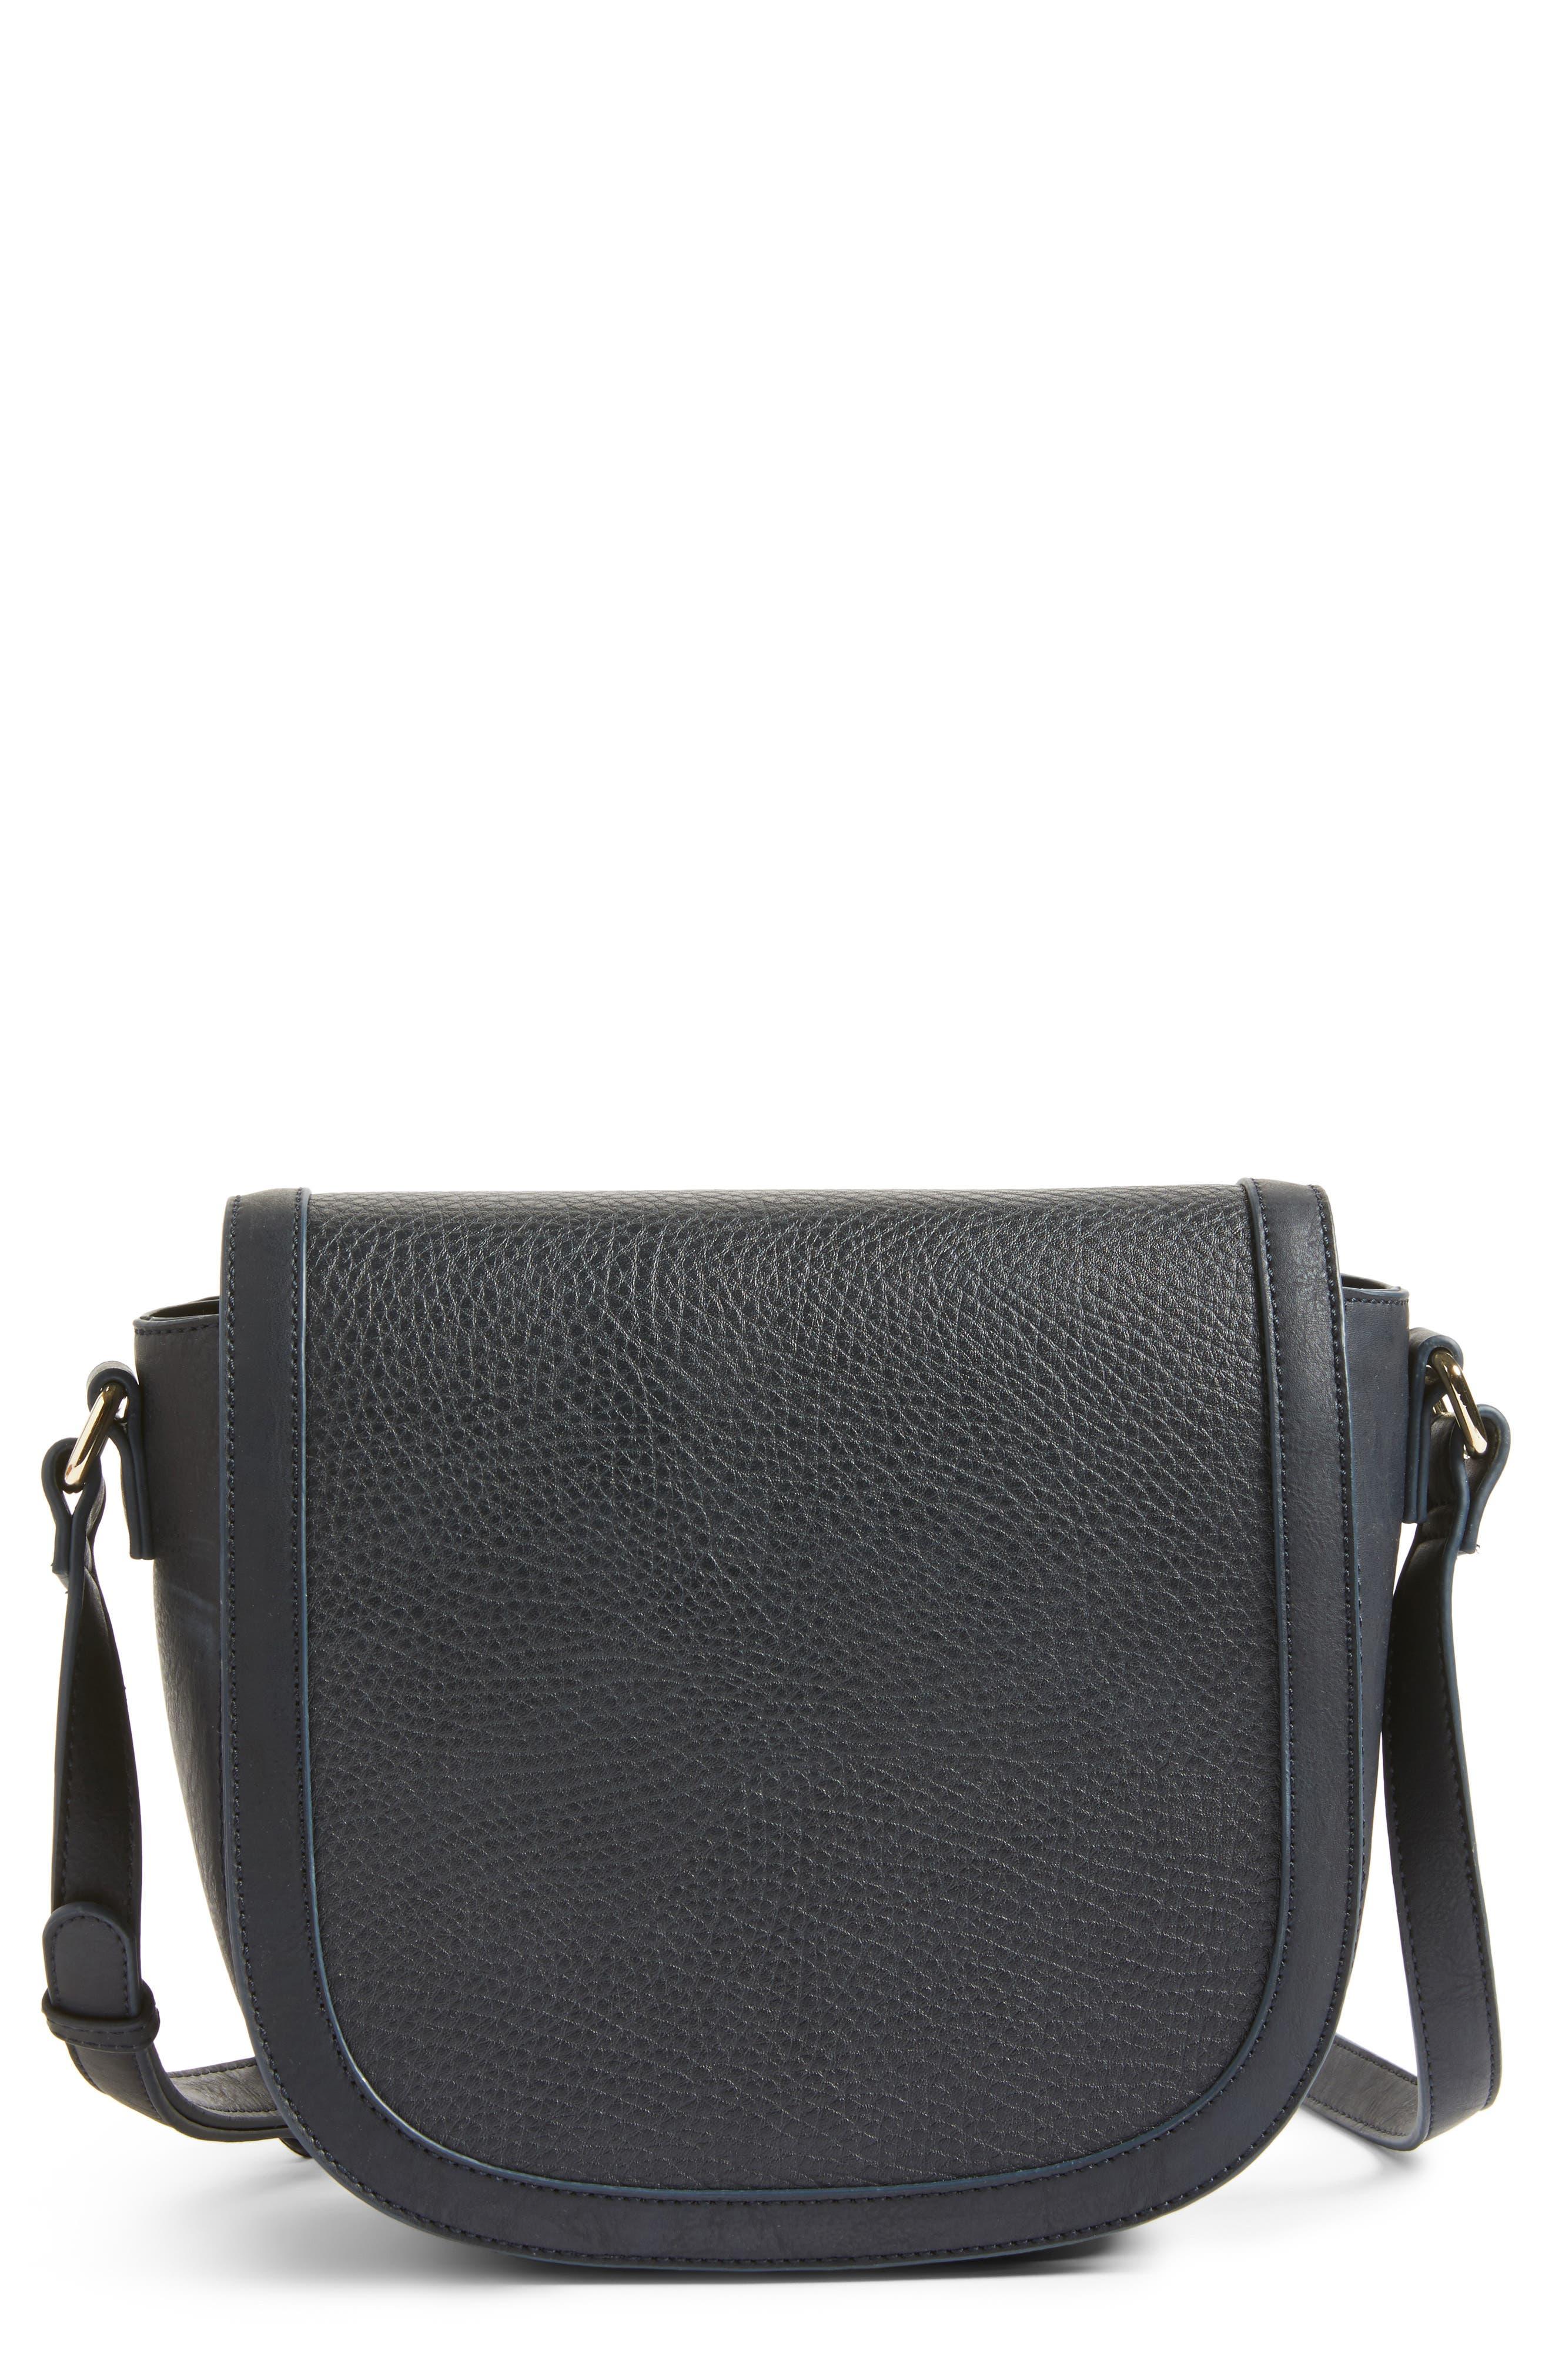 Sole Society Finnigan Faux Leather Crossbody Bag